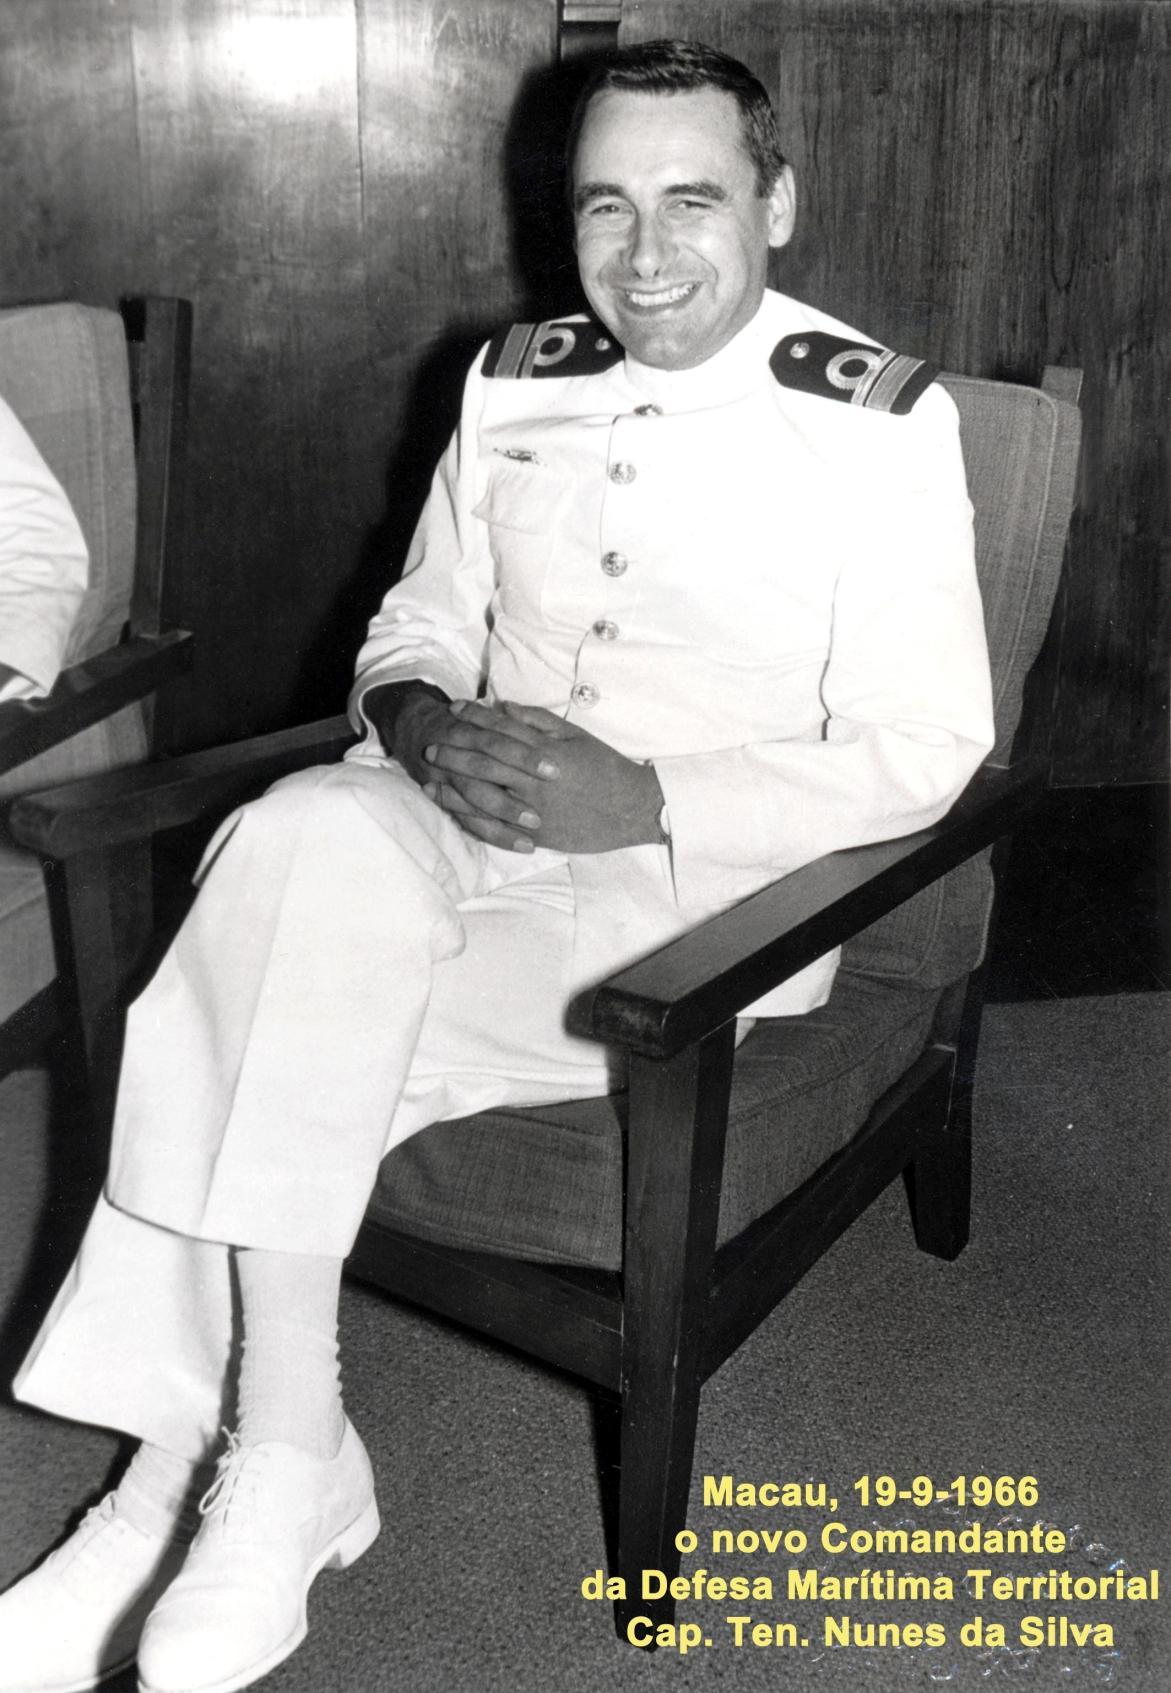 00463 966-09-19 o novo Comte da Defesa Marítima Territorial de Macau